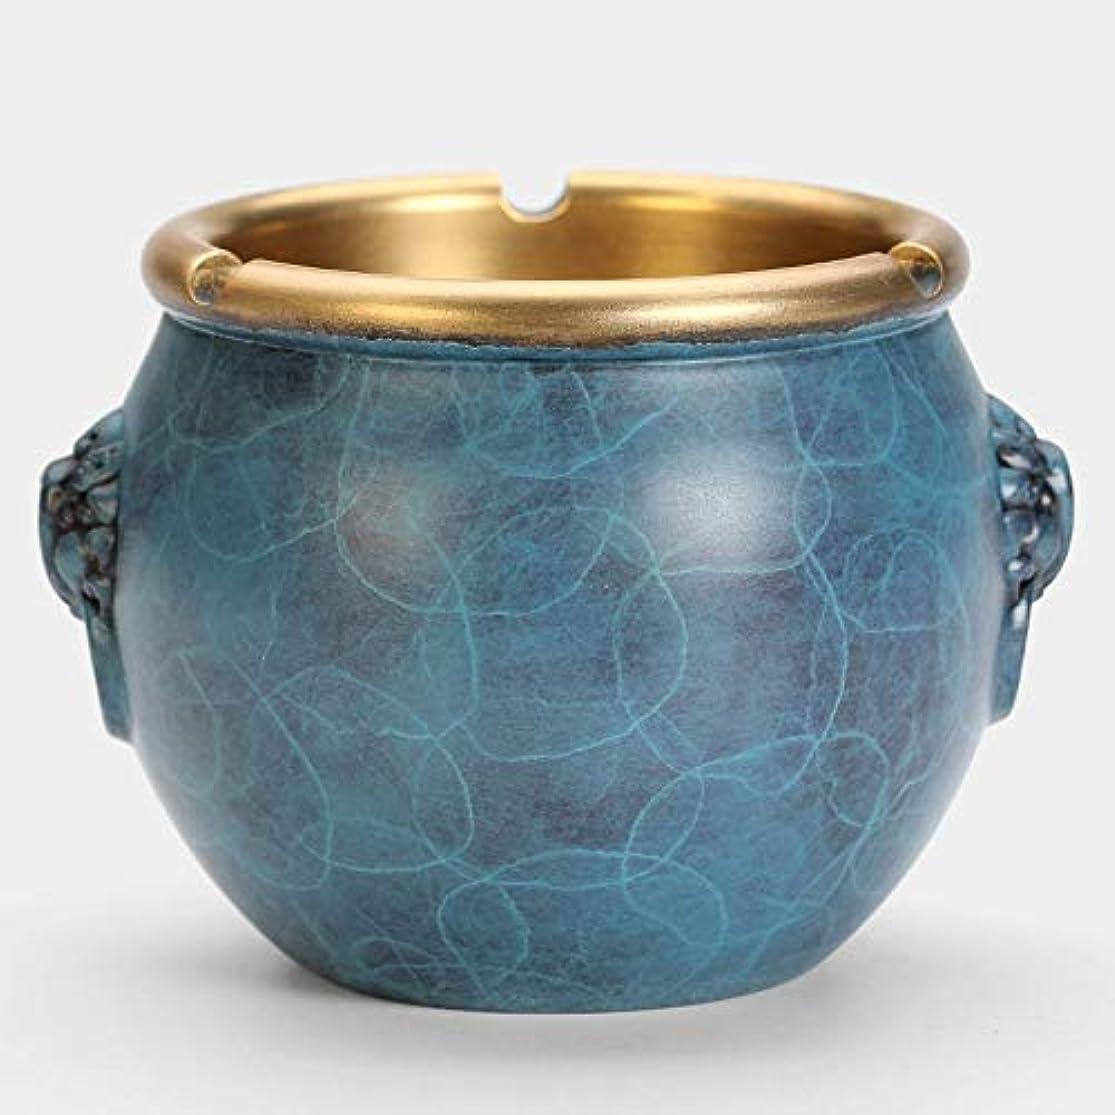 食欲狂信者メンタリティ灰皿クリエイティブ純銅灰皿 (色 : 青)